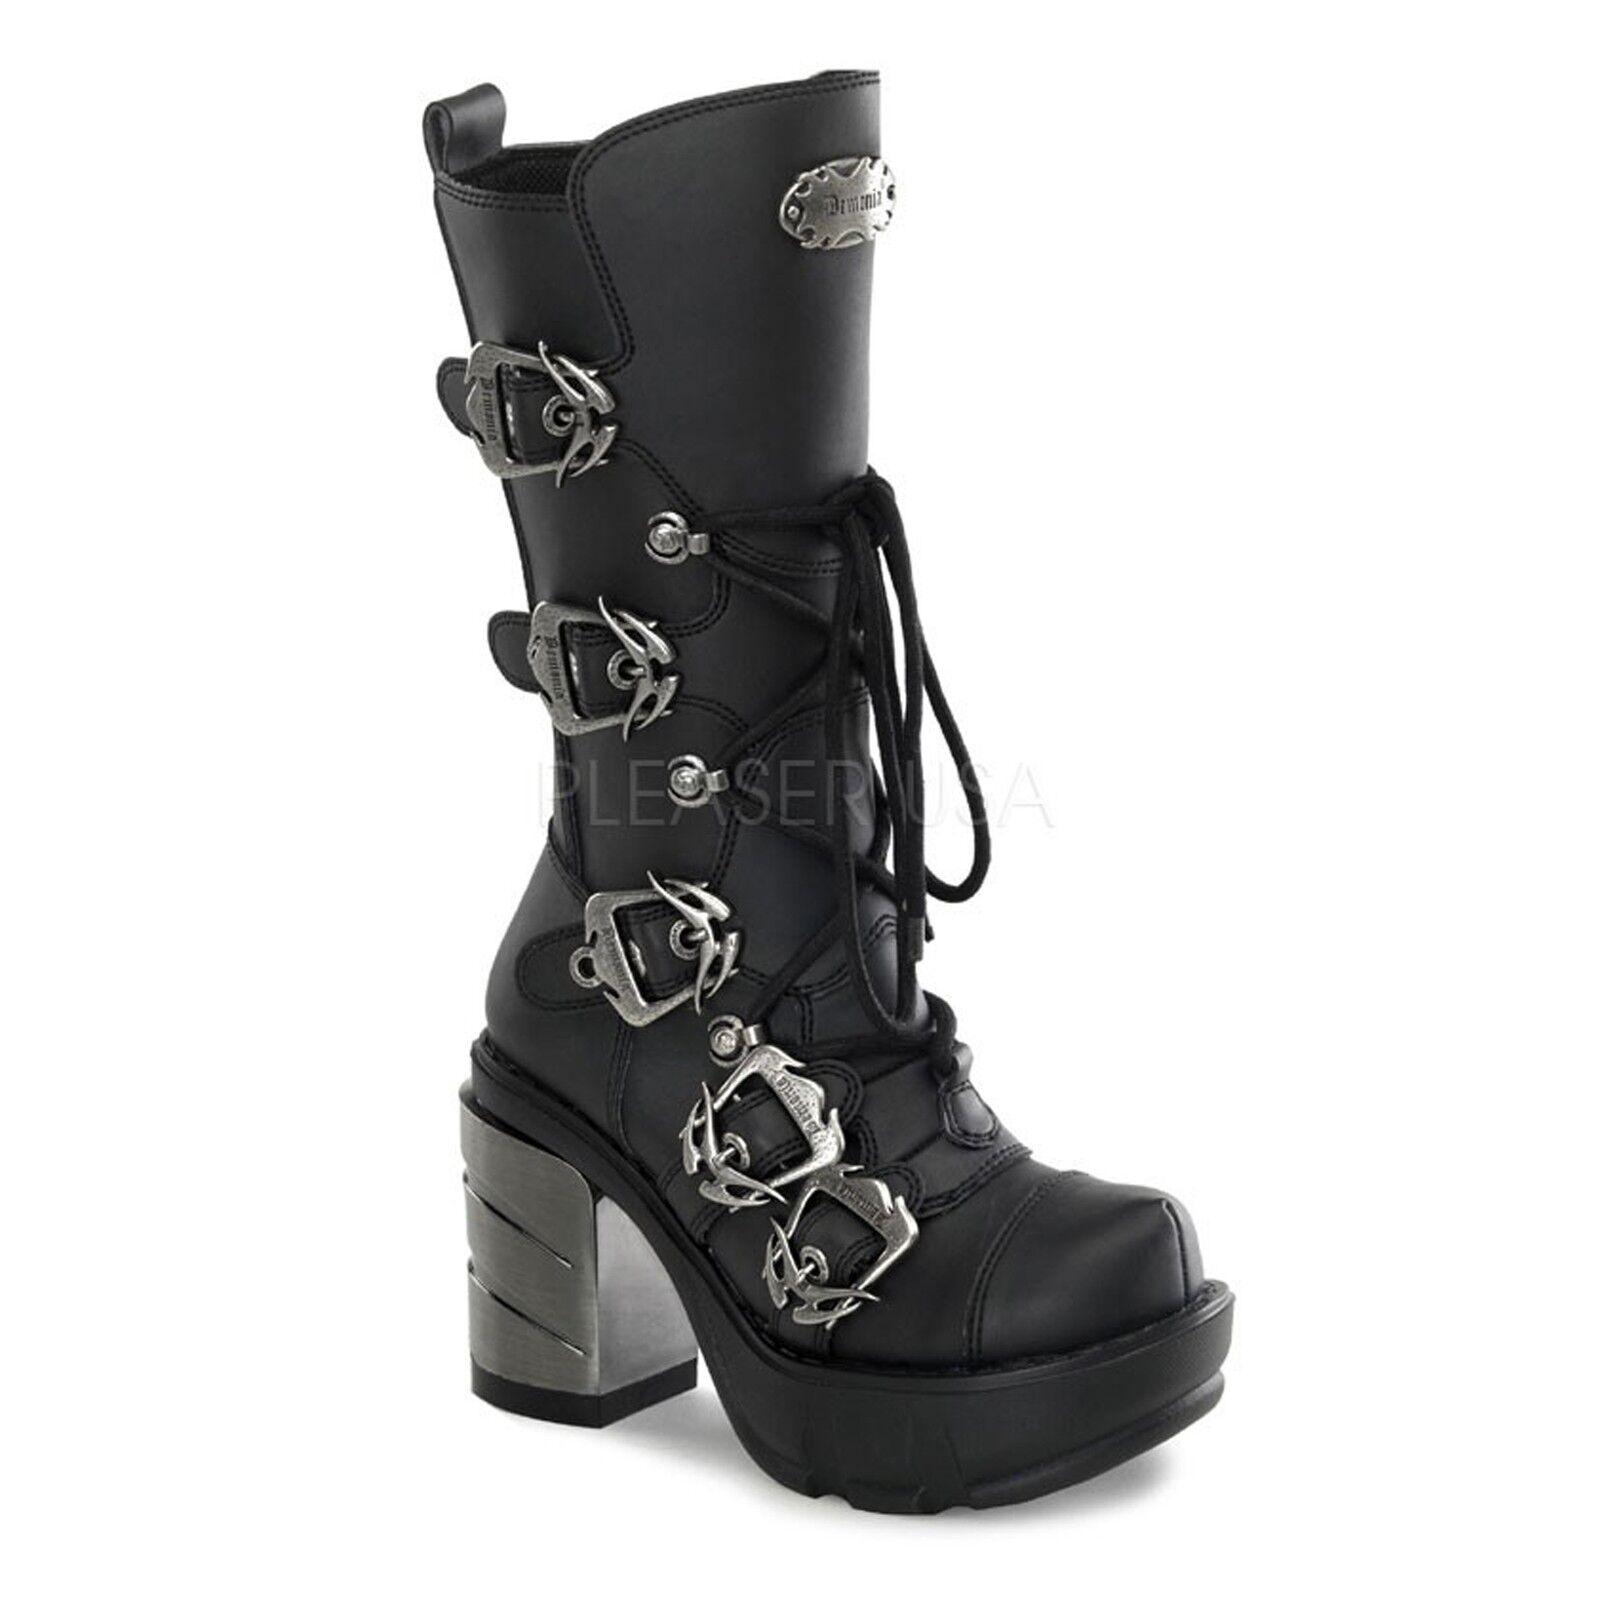 Demonia Sinister-203 - Gothic Industrial Metall High Heels Stiefel 5 Schnallen V